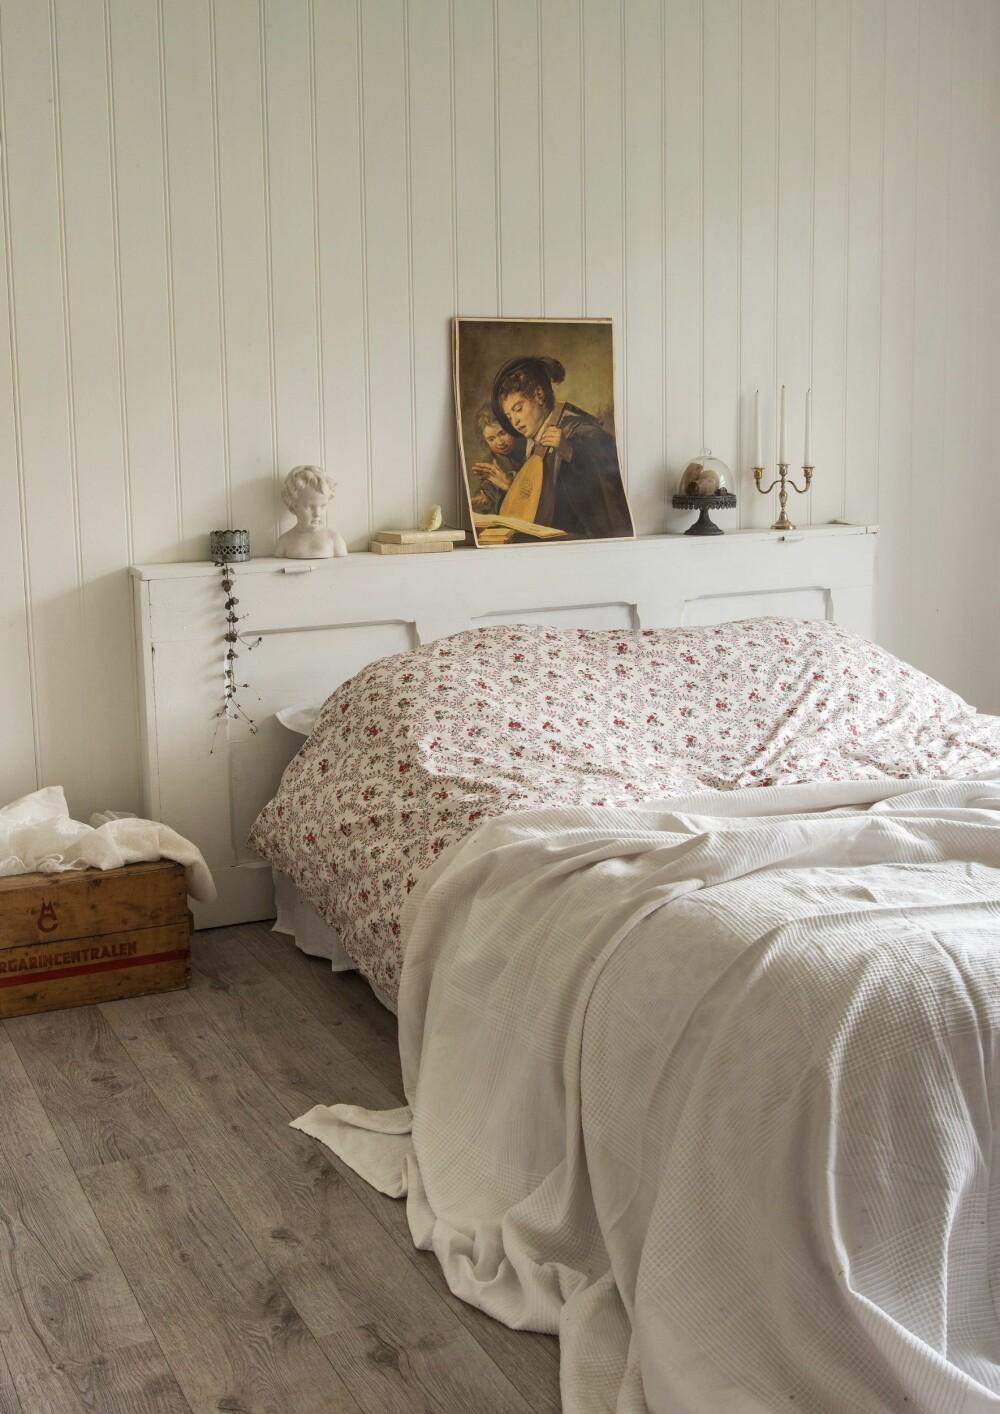 LYST OG LUFTIG: Romantisk sengetøy er prikken over i-en i det lyse og luftige soverommet. Sengegavlen er laget av en gammel dør.